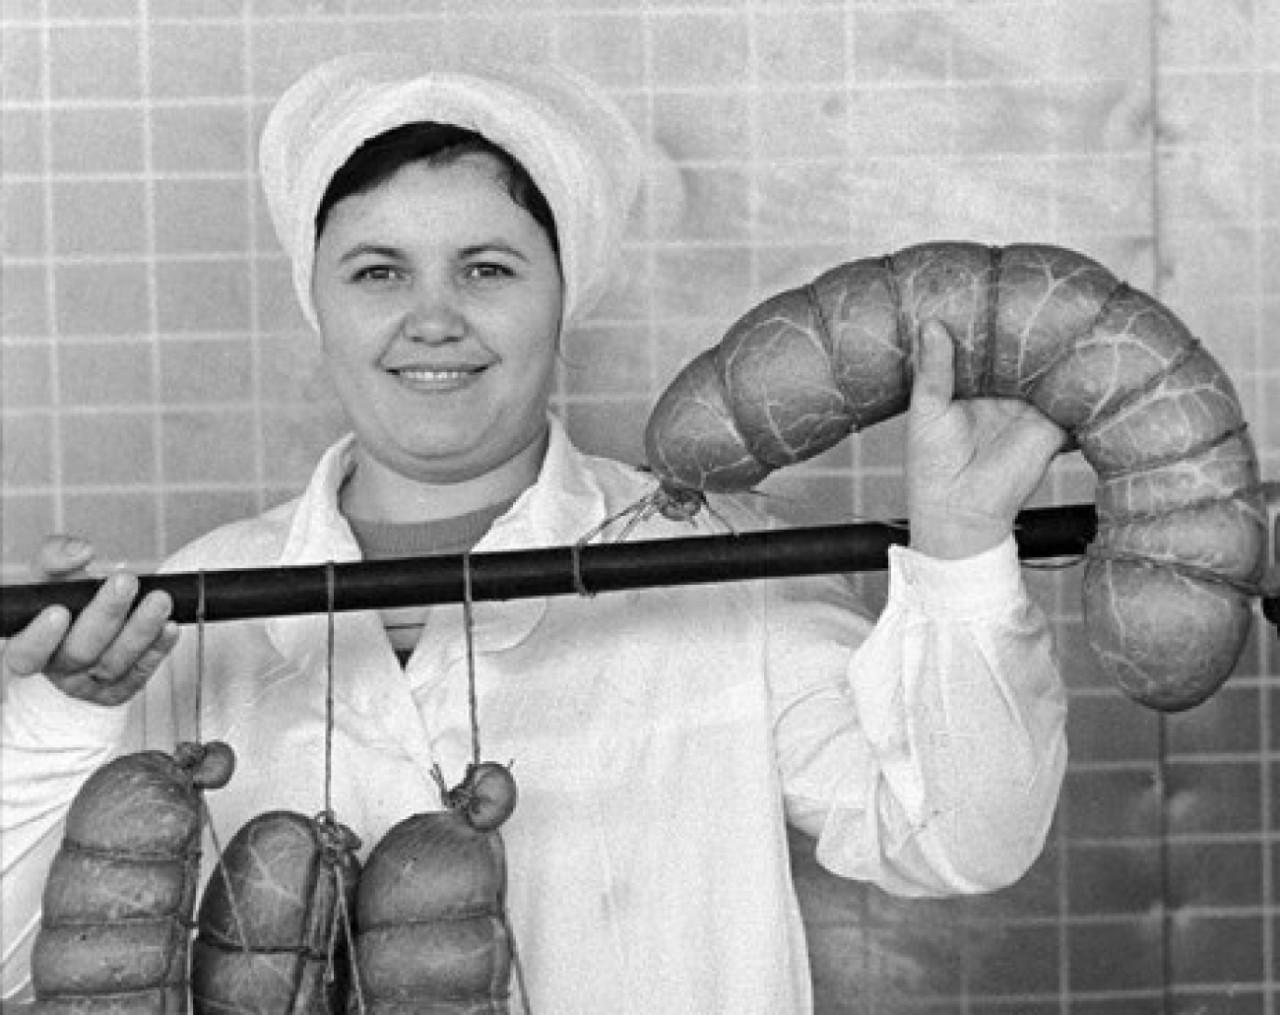 Назад в СССР. Правительство жестко взялось за качество продуктов